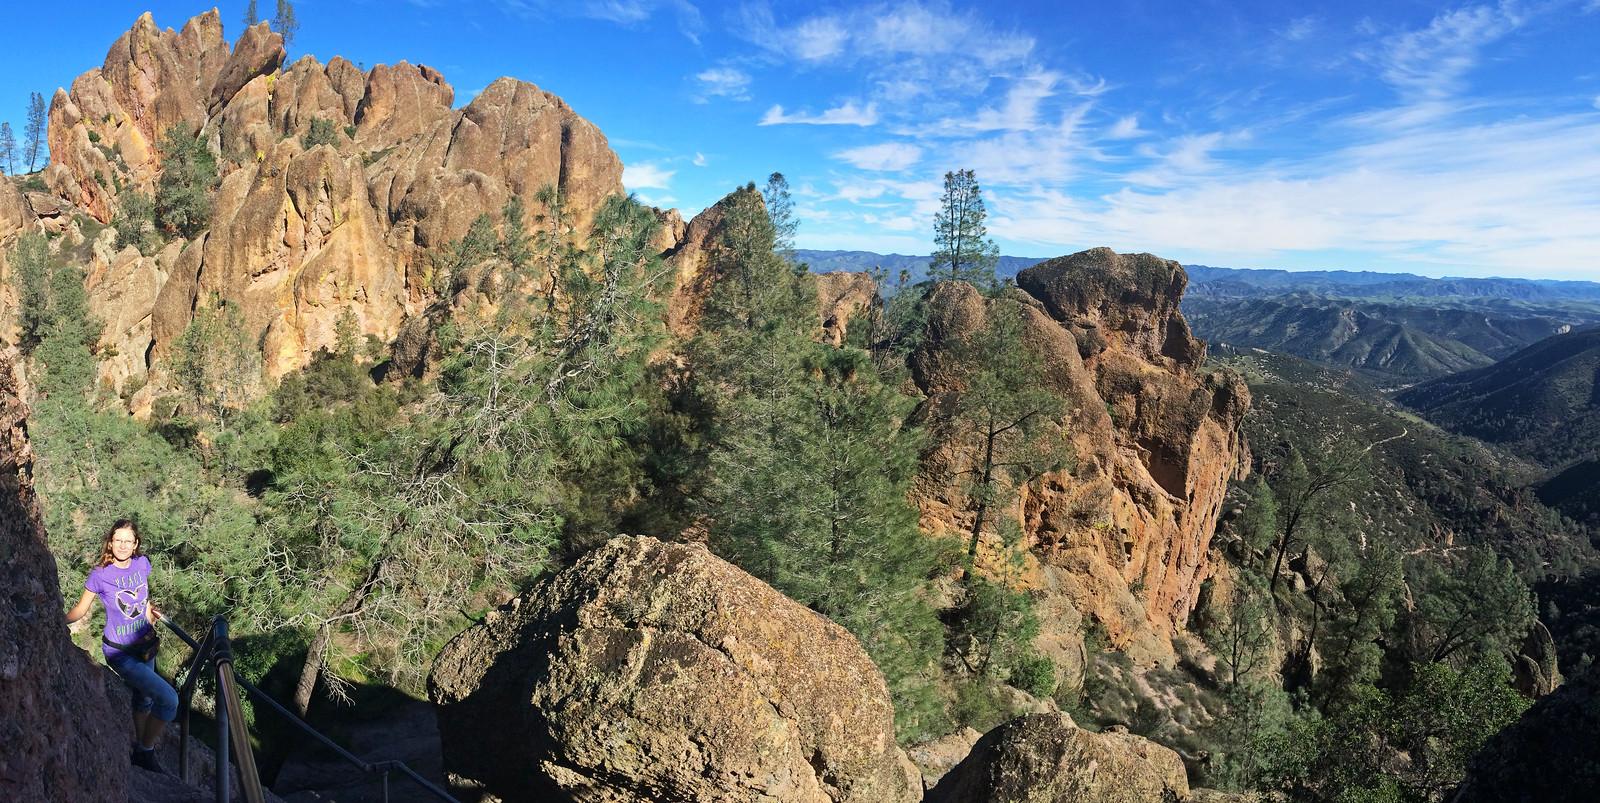 High Peaks Trail, Pinnacles National Park, CA, USA